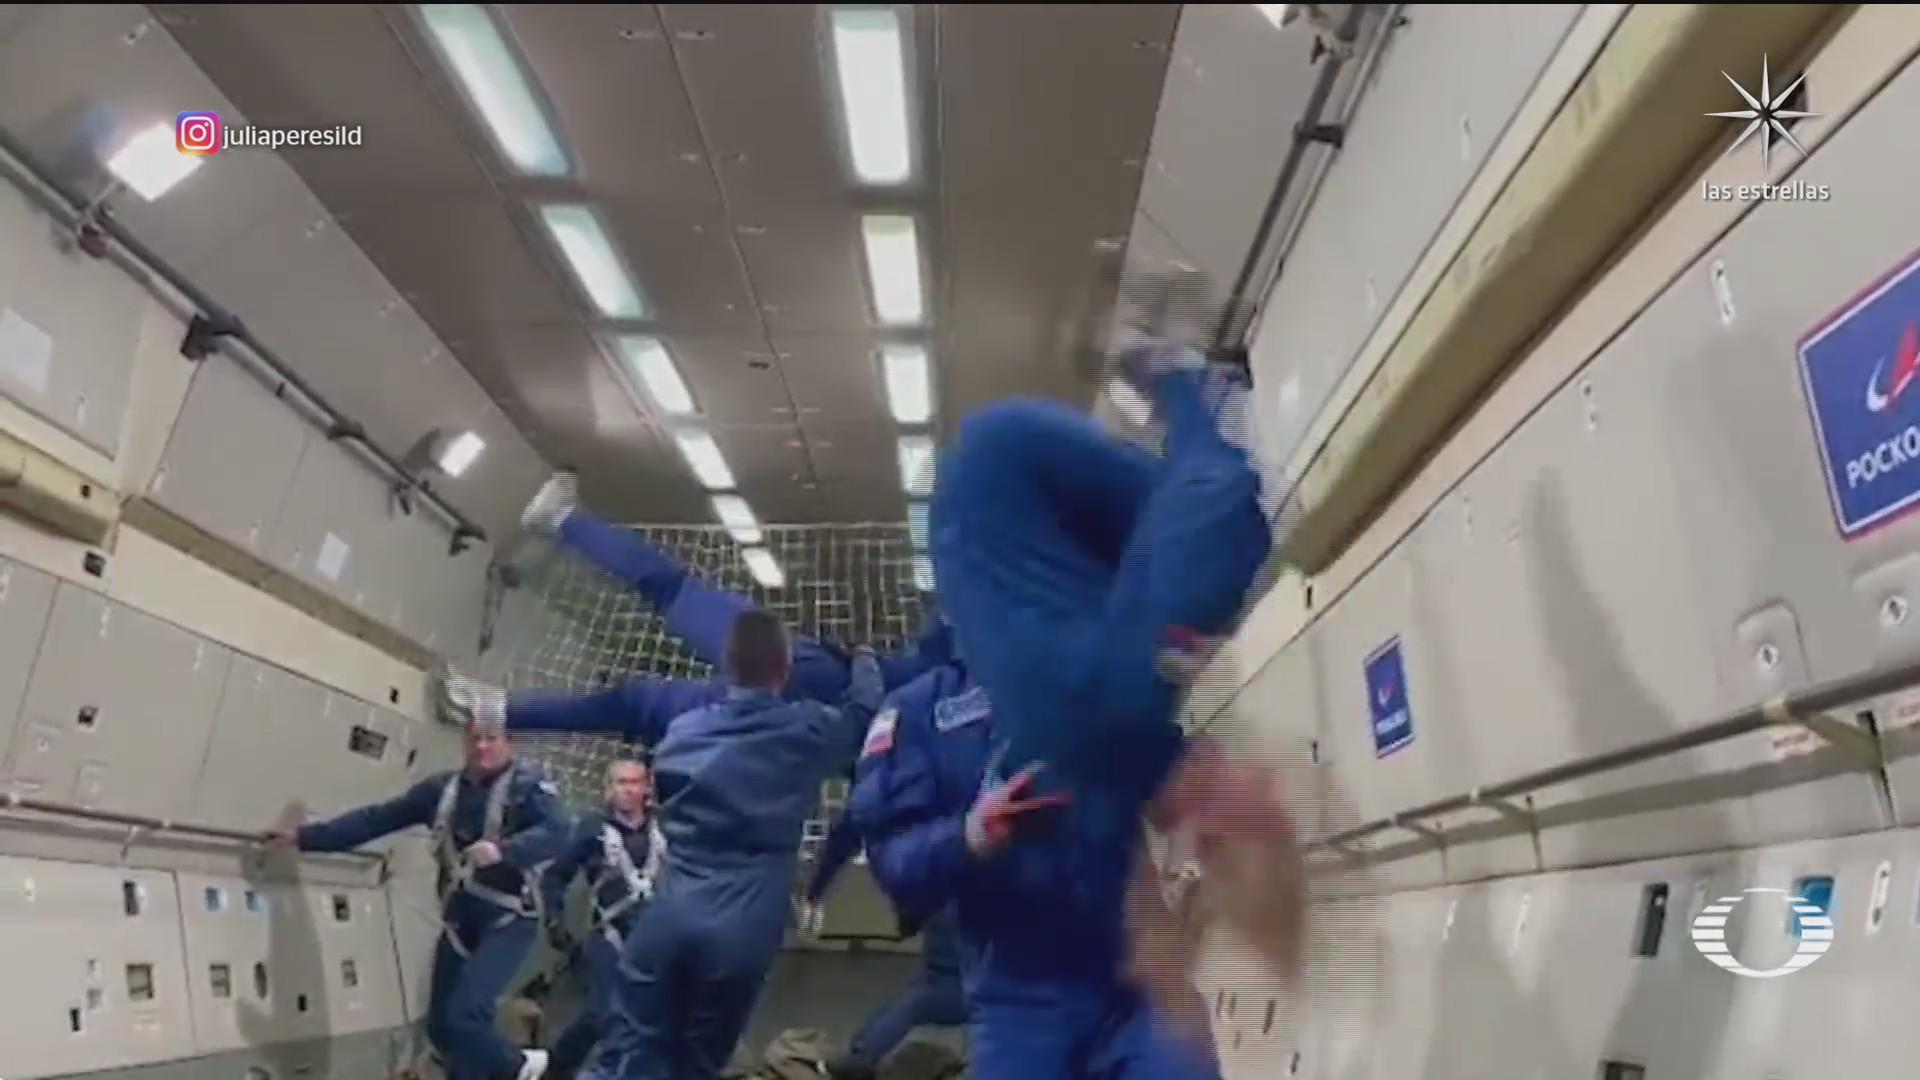 rusia lleva equipo de filmacion de pelicula a la eei